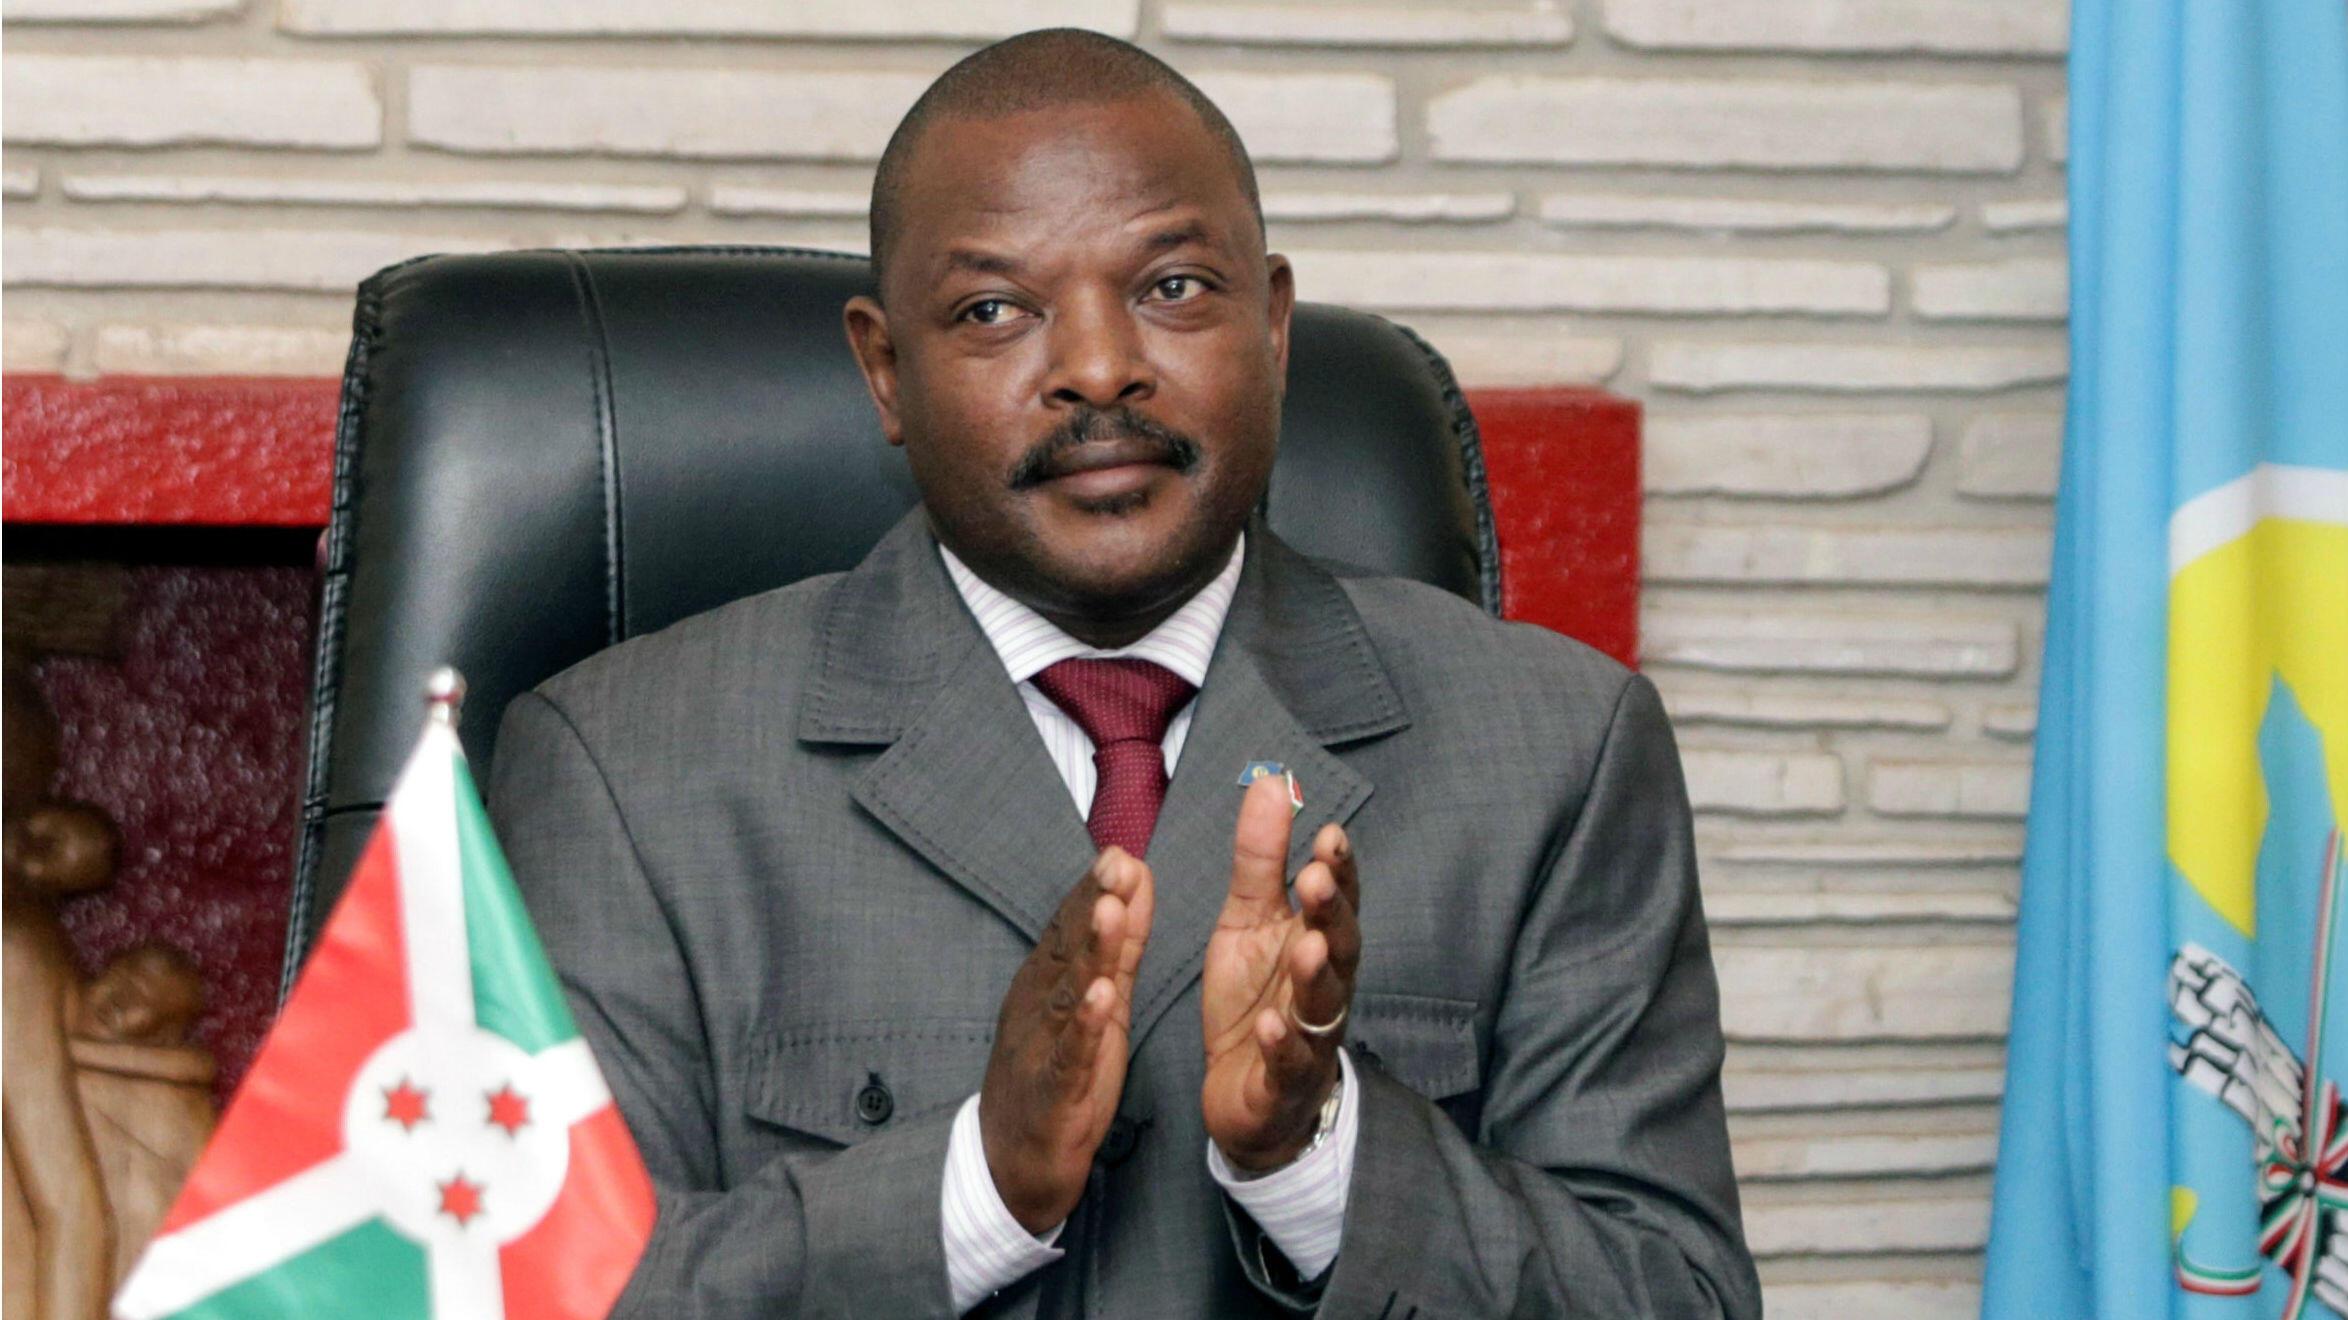 El presidente de Burundi, Pierre Nkurunziza, es acusado de crímenes de lesa humanidad por la muerte de civiles durante la manifestaciones de 2015